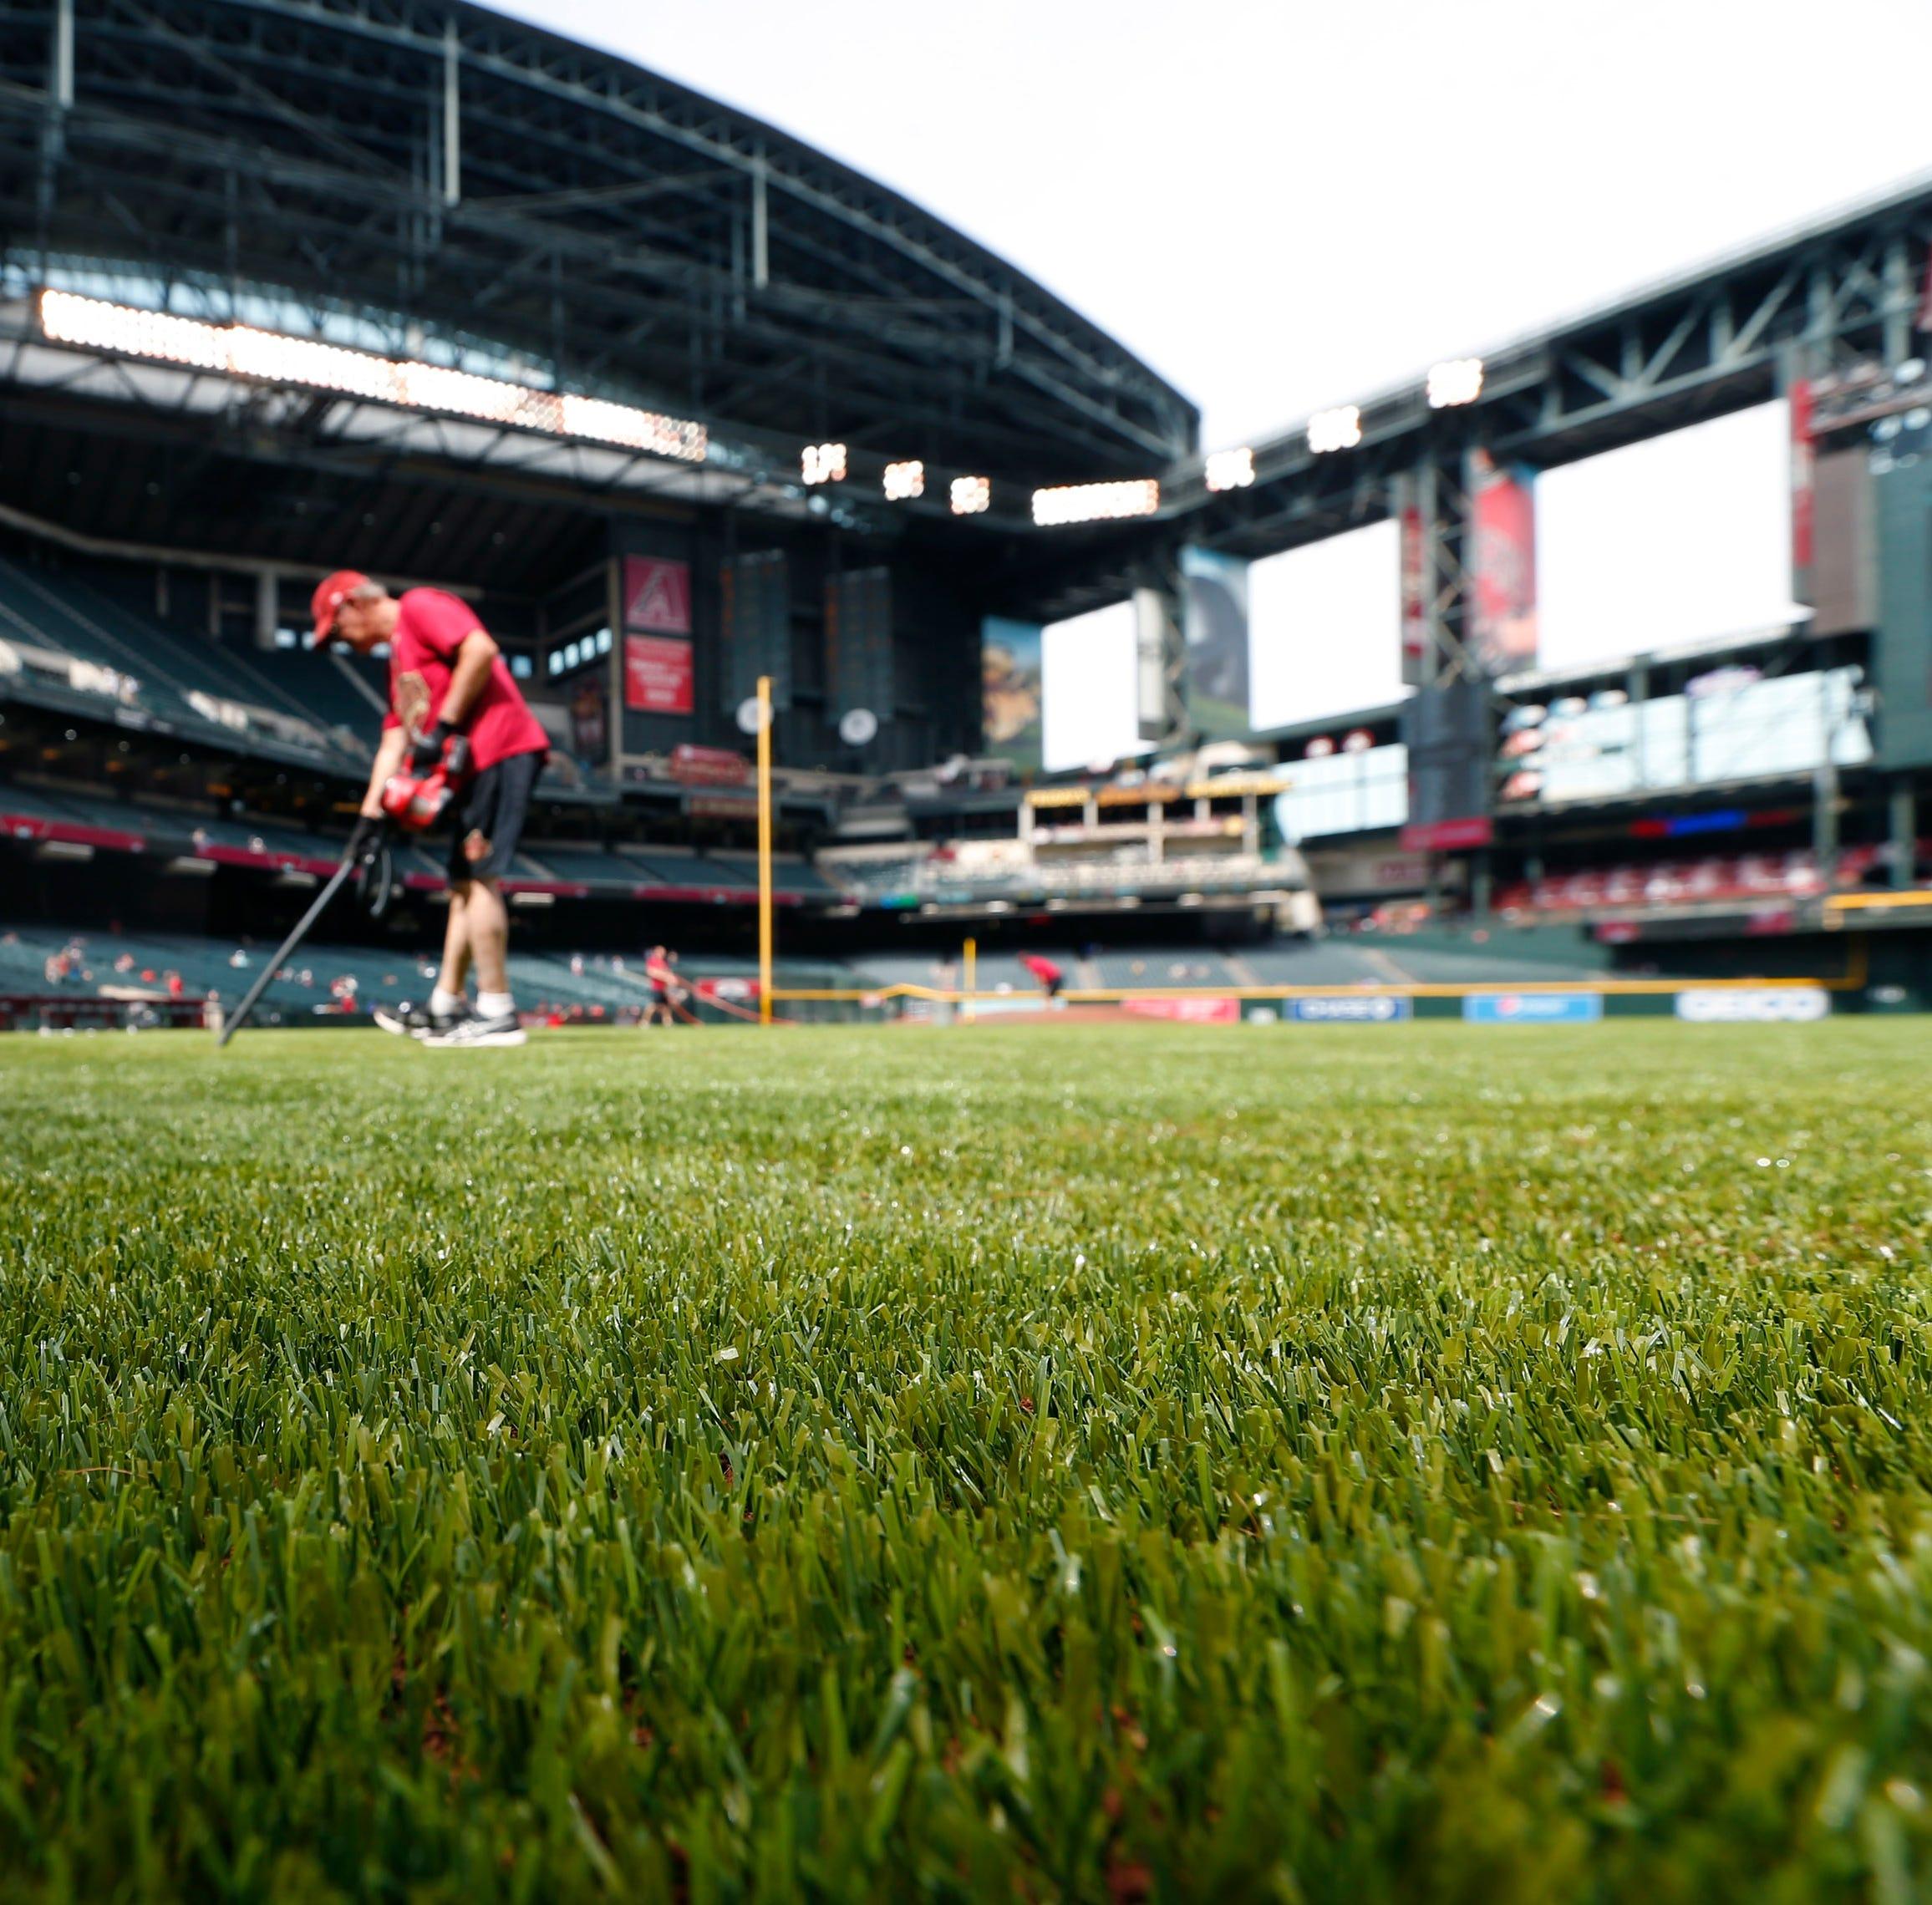 Arizona Diamondbacks' new turf is a sight to behold